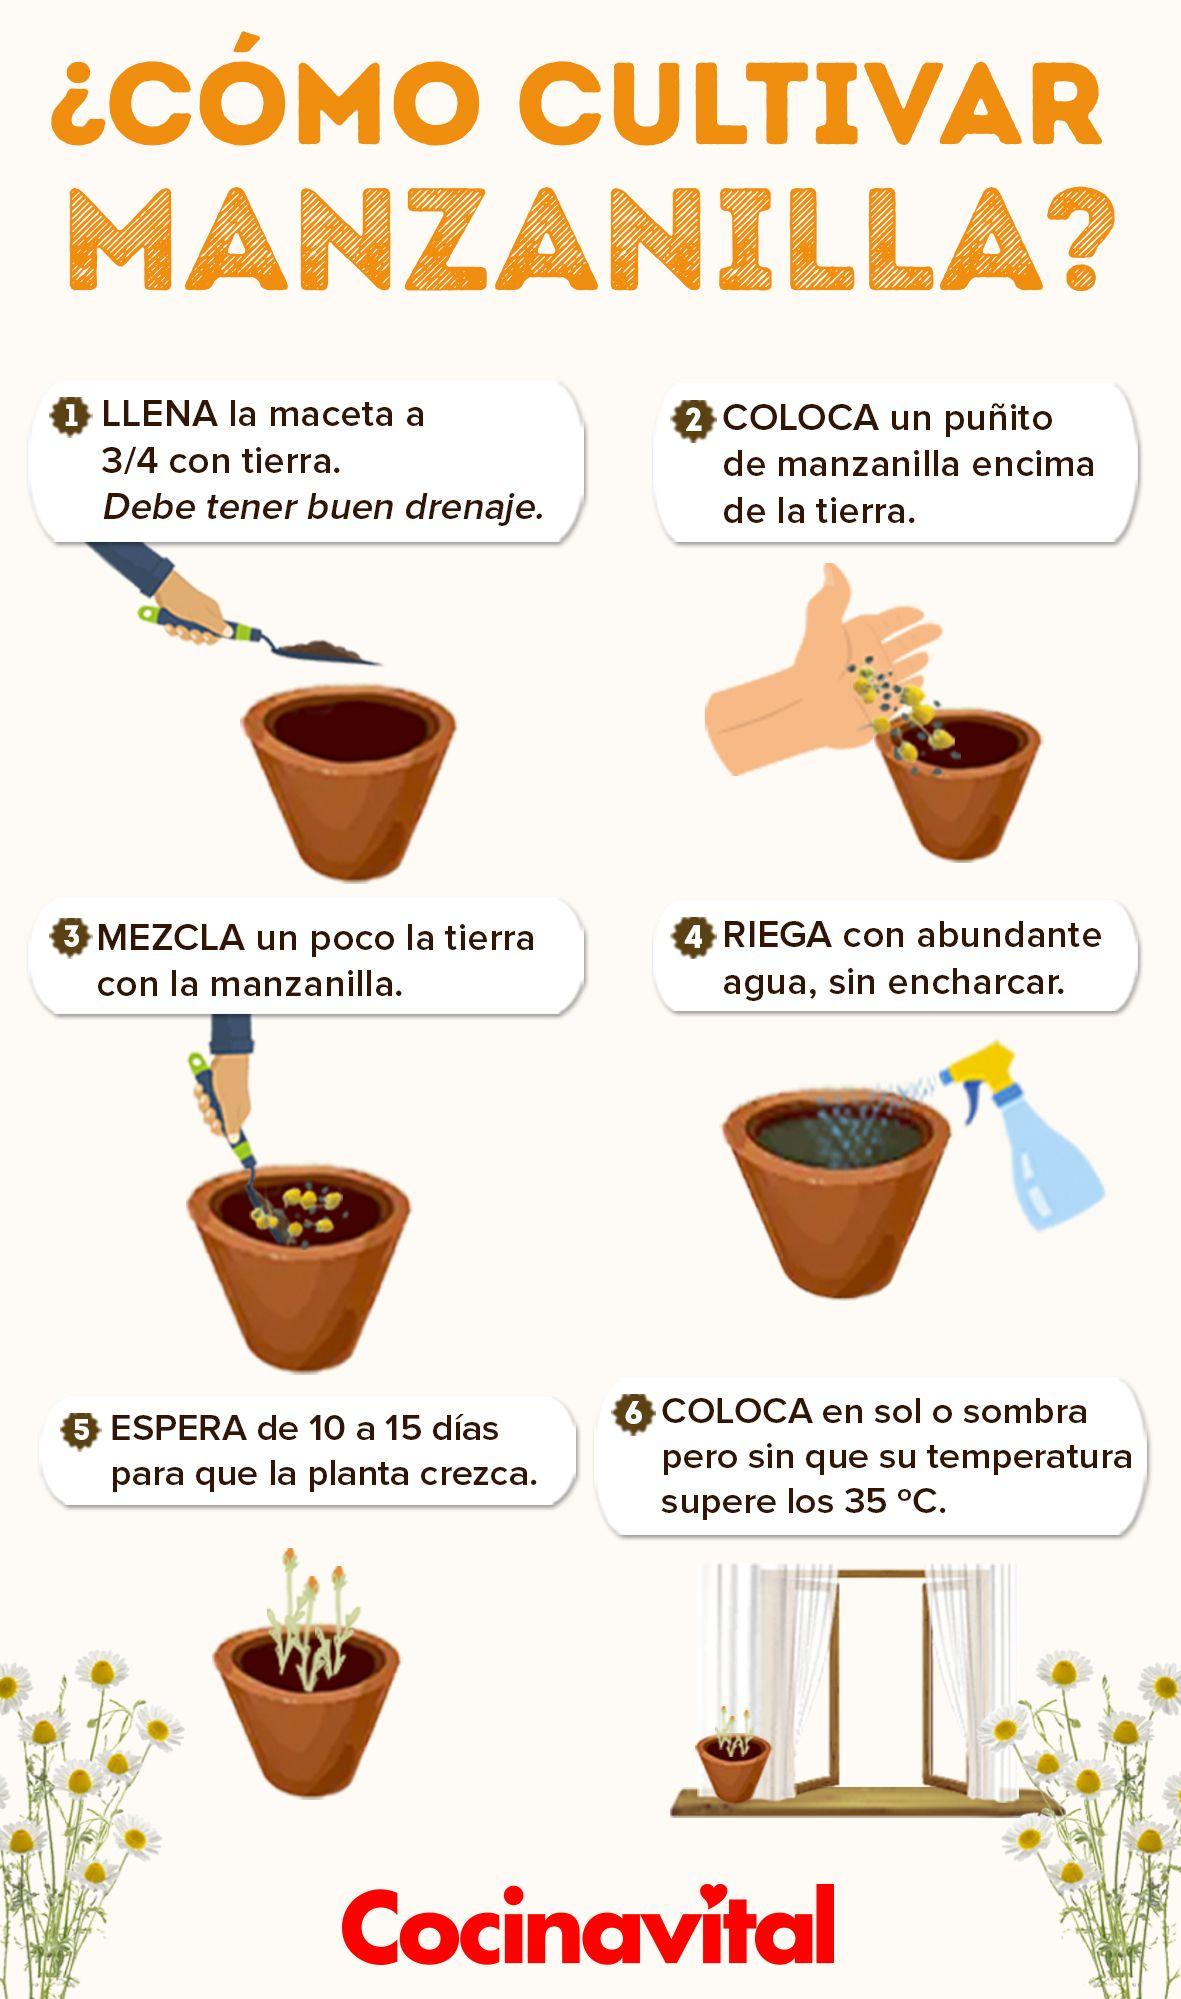 Cómo Cultivar Manzanilla En Maceta Orgánica Cocina Vital Qué Cocinar Hoy Plantas Para Cocina Frutas En Macetas Jardín De Productos Comestibles